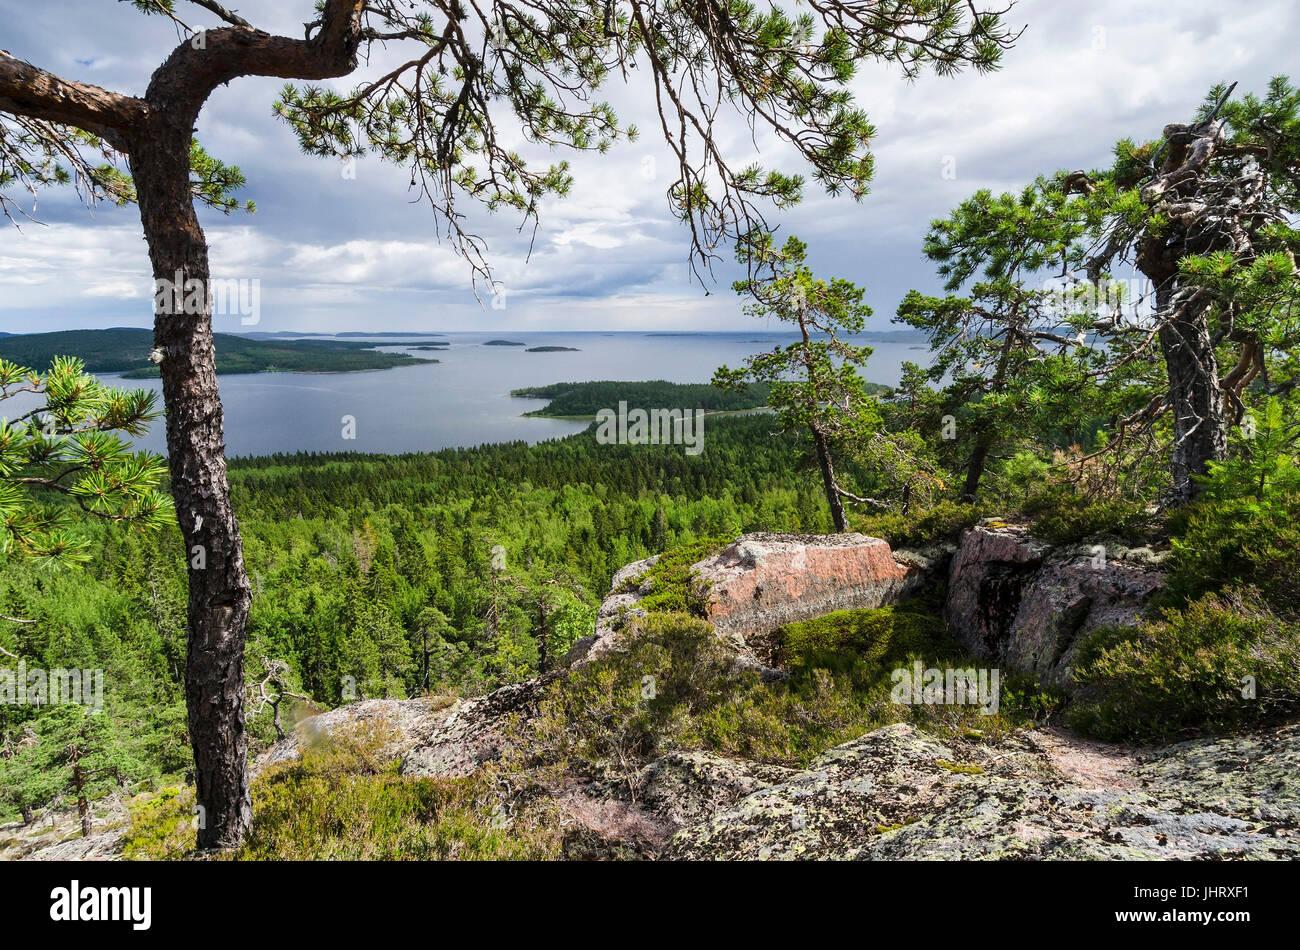 Scenery in the Gulf of Bothnia in the Skuleskogen national park, world nature heir Hoega Kusten, Vaesternorrland, - Stock Image